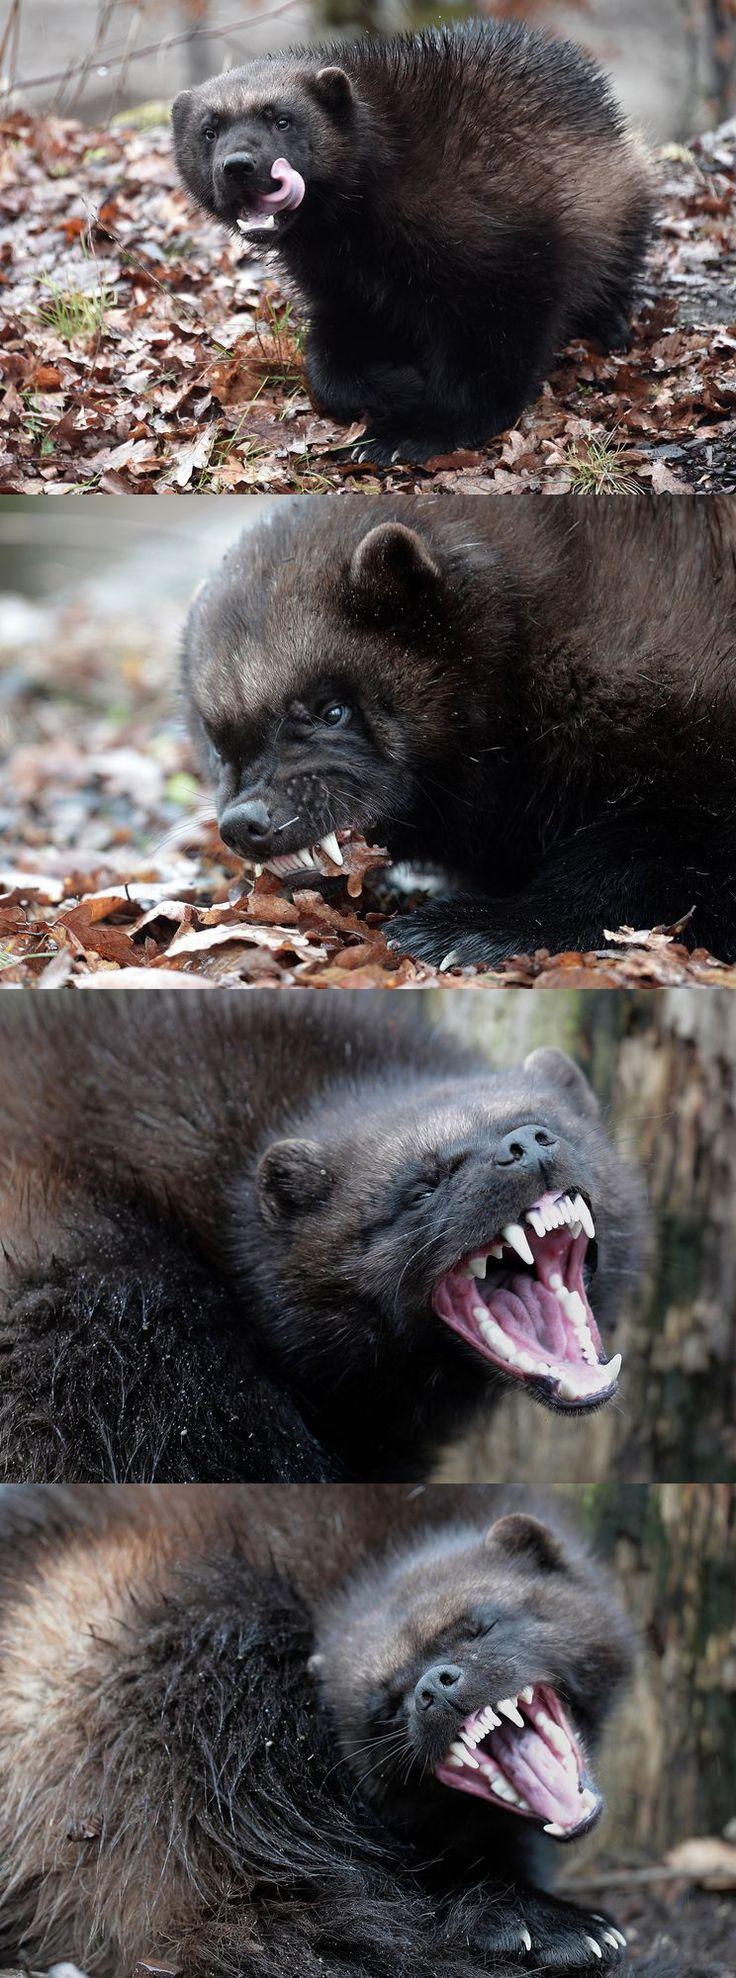 Le parc animalier de Sainte-Croix, situé à Rhodes, vient d'accueillir un couple de gloutons. Animaux classés «vulnérables» sur la liste rouge des espèces au niveau européen, ces mustélidés ressemblant à des ours sont méconnus du public. Egalement appelés «carcajous» («wolverine» en anglais), ces carnivores vivent à l'état sauvage dans la taïga et la toundra nord-américaine et eurasienne. Ils ont vu une partie de leur habitat naturel être détruit par l'expansion urbaine.